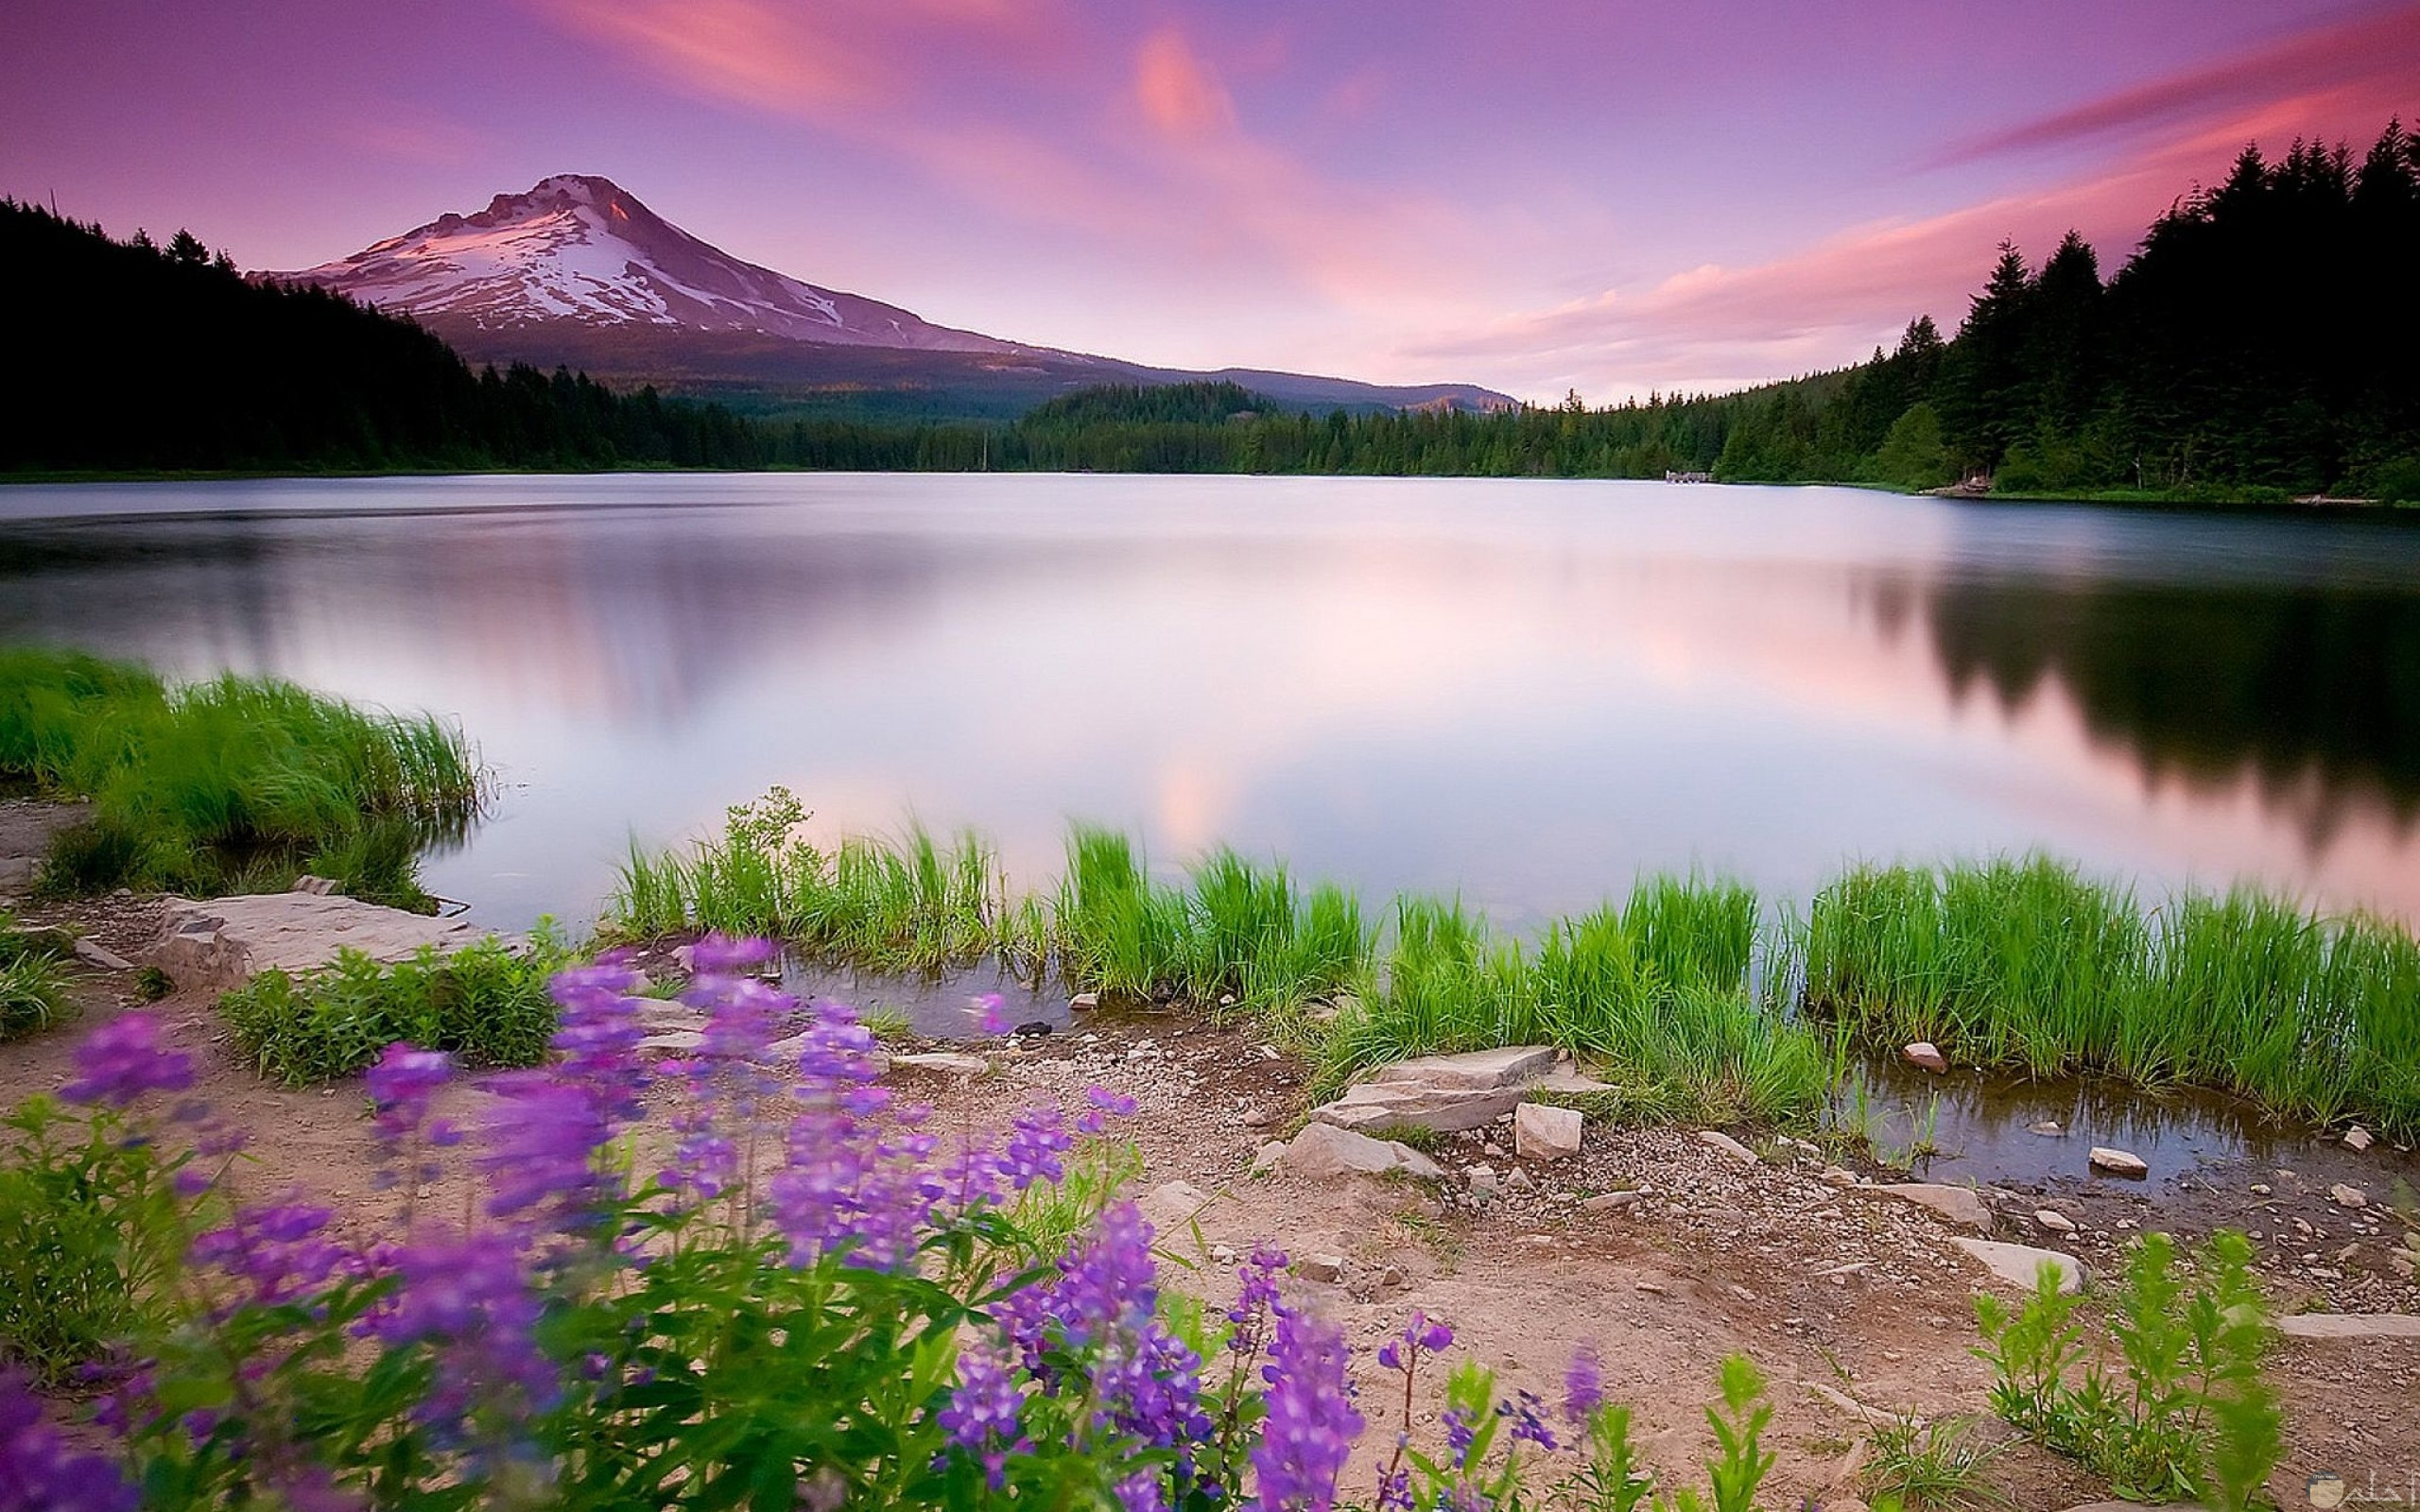 صورة طبيعية لنهر صافي رائع بالجمال